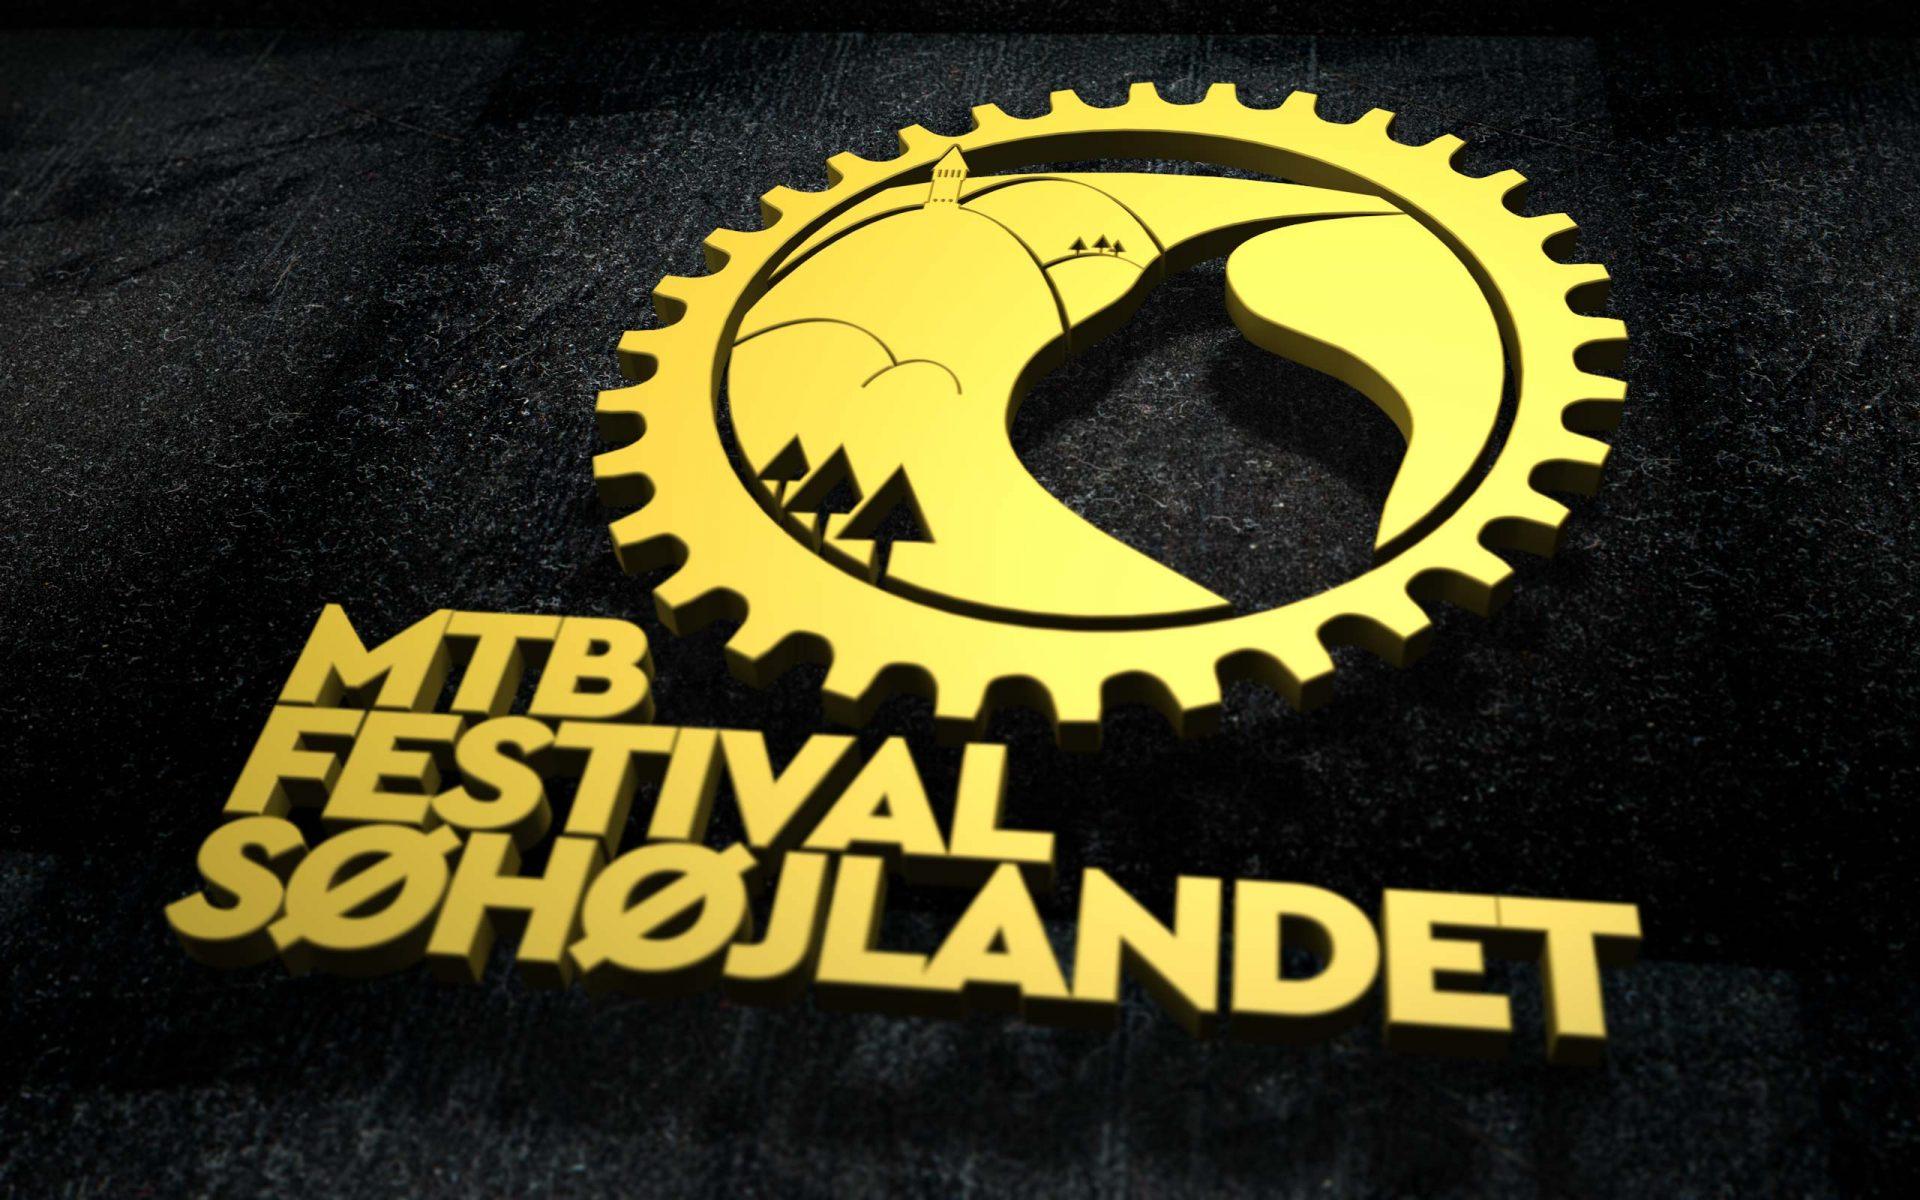 MTB Festival Søhøjlandet